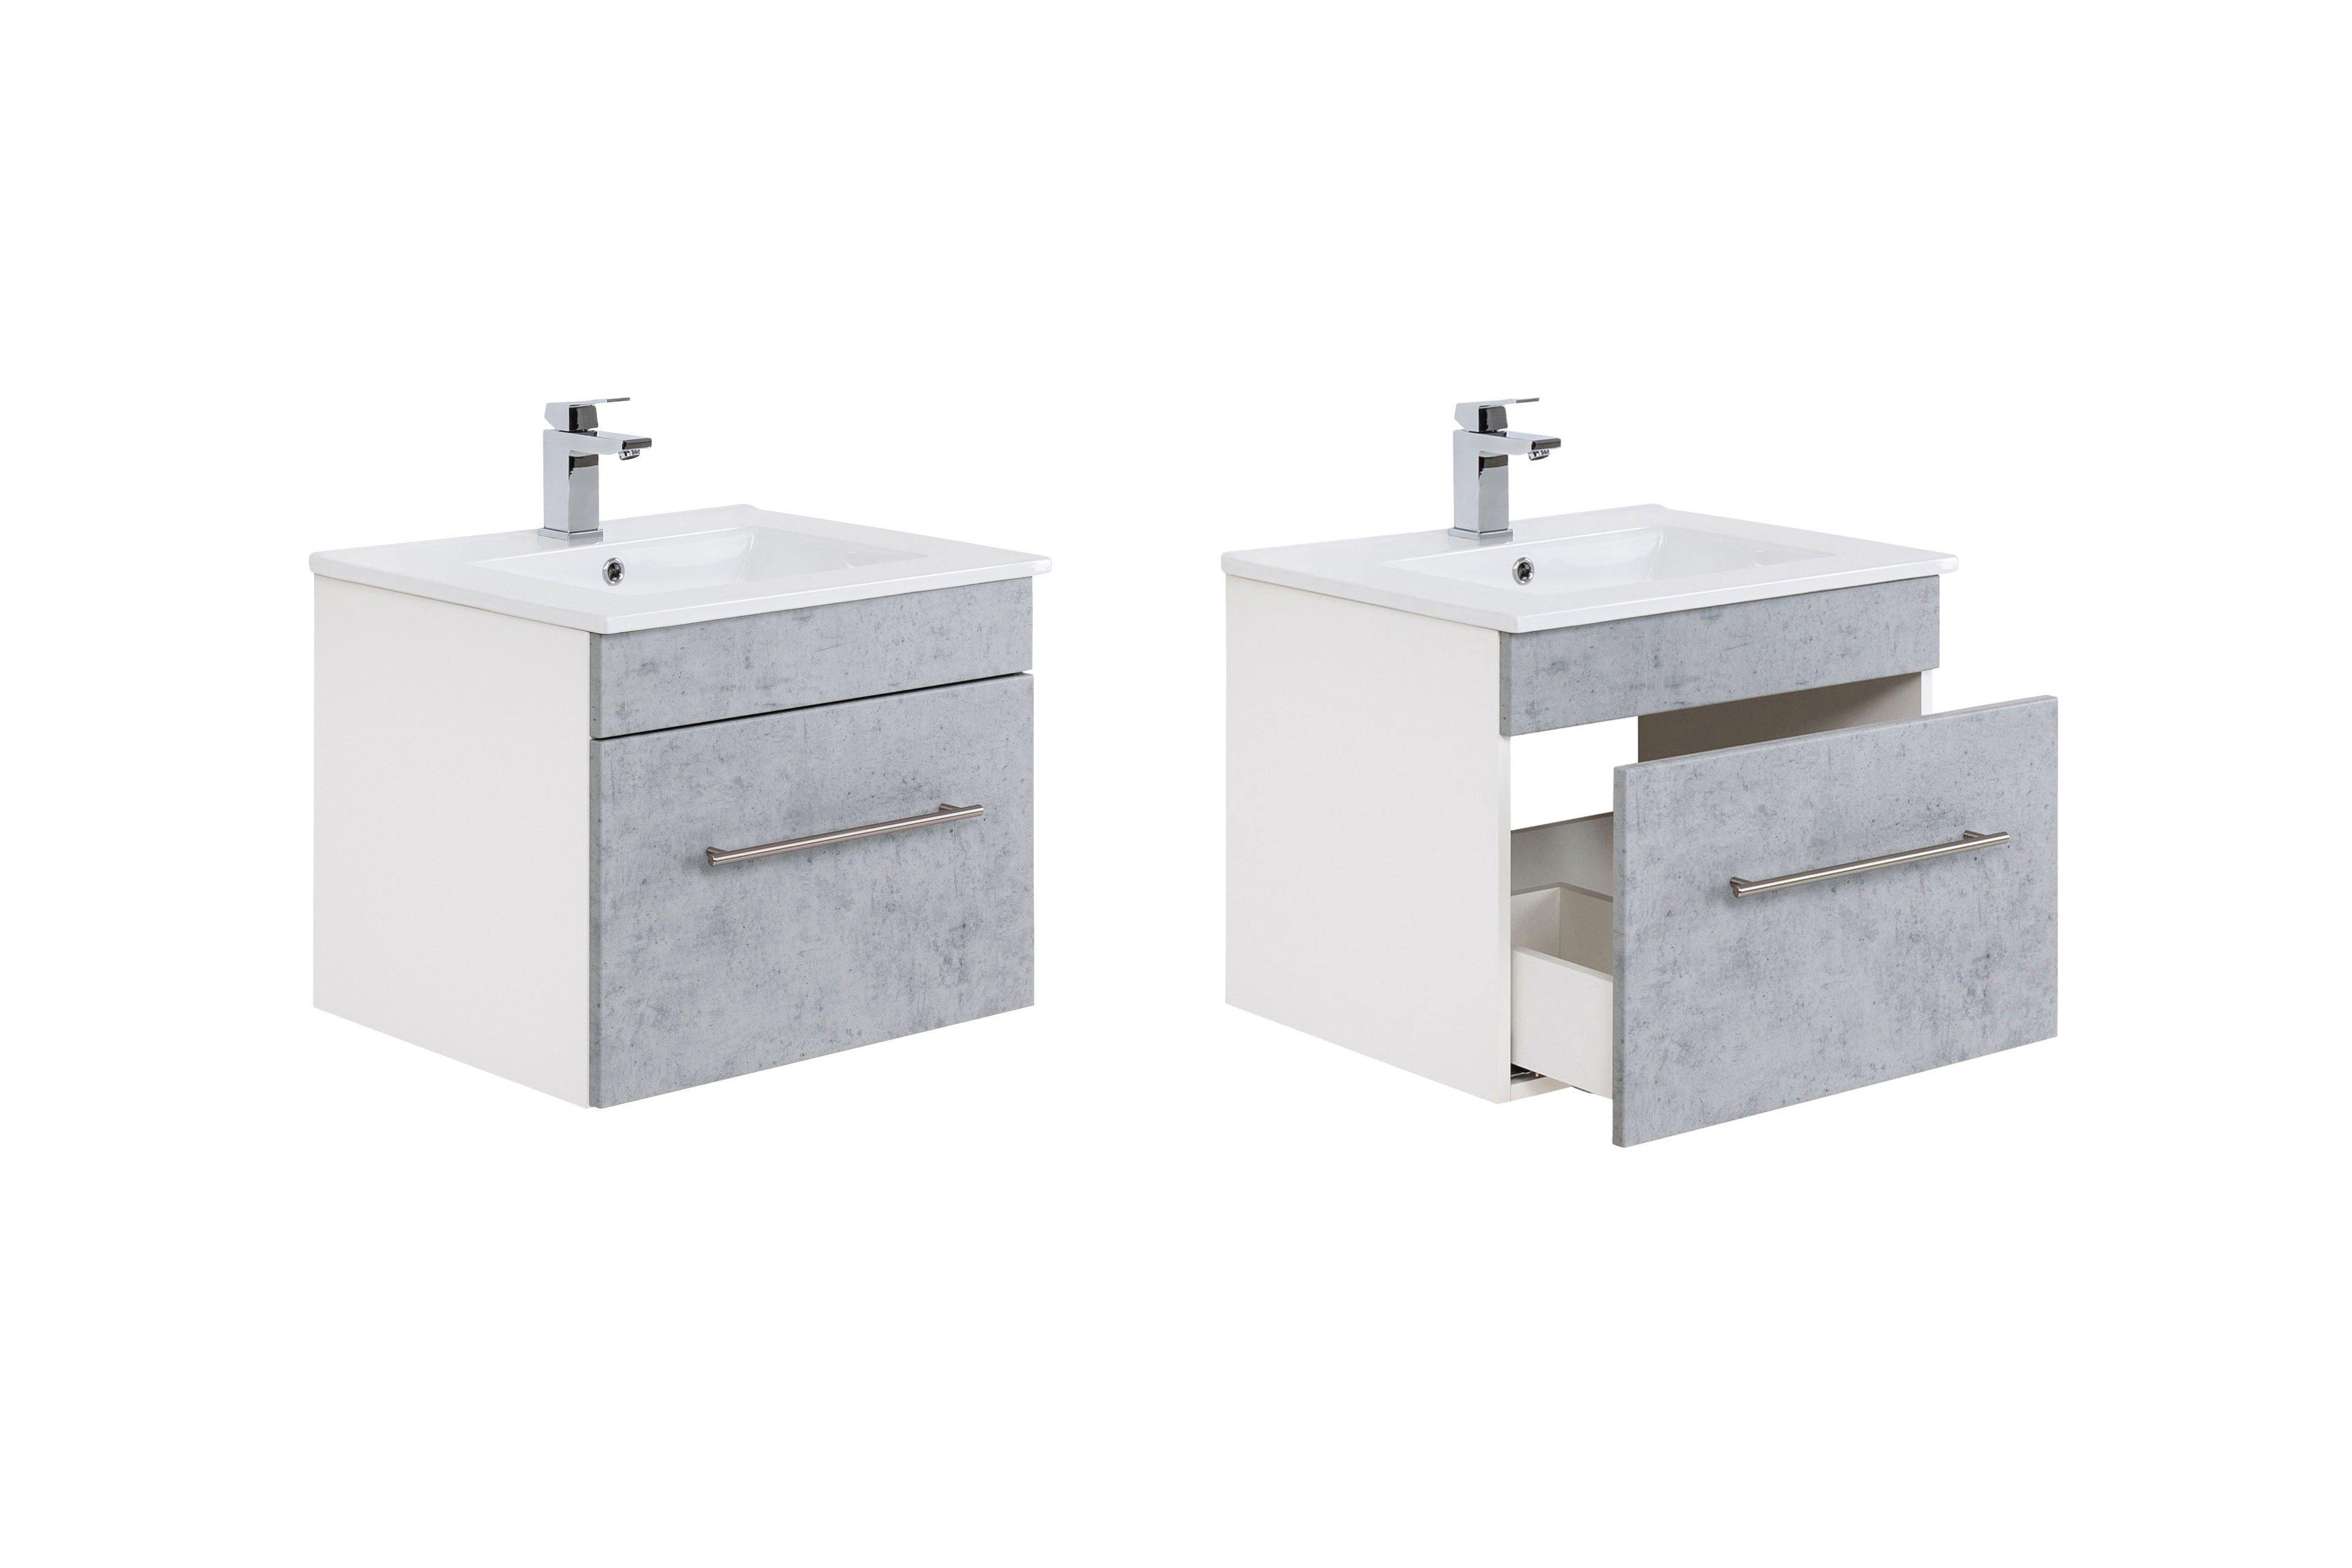 Posseik Badezimmer Viva weiß/ Beton | Möbel Letz - Ihr Online-Shop